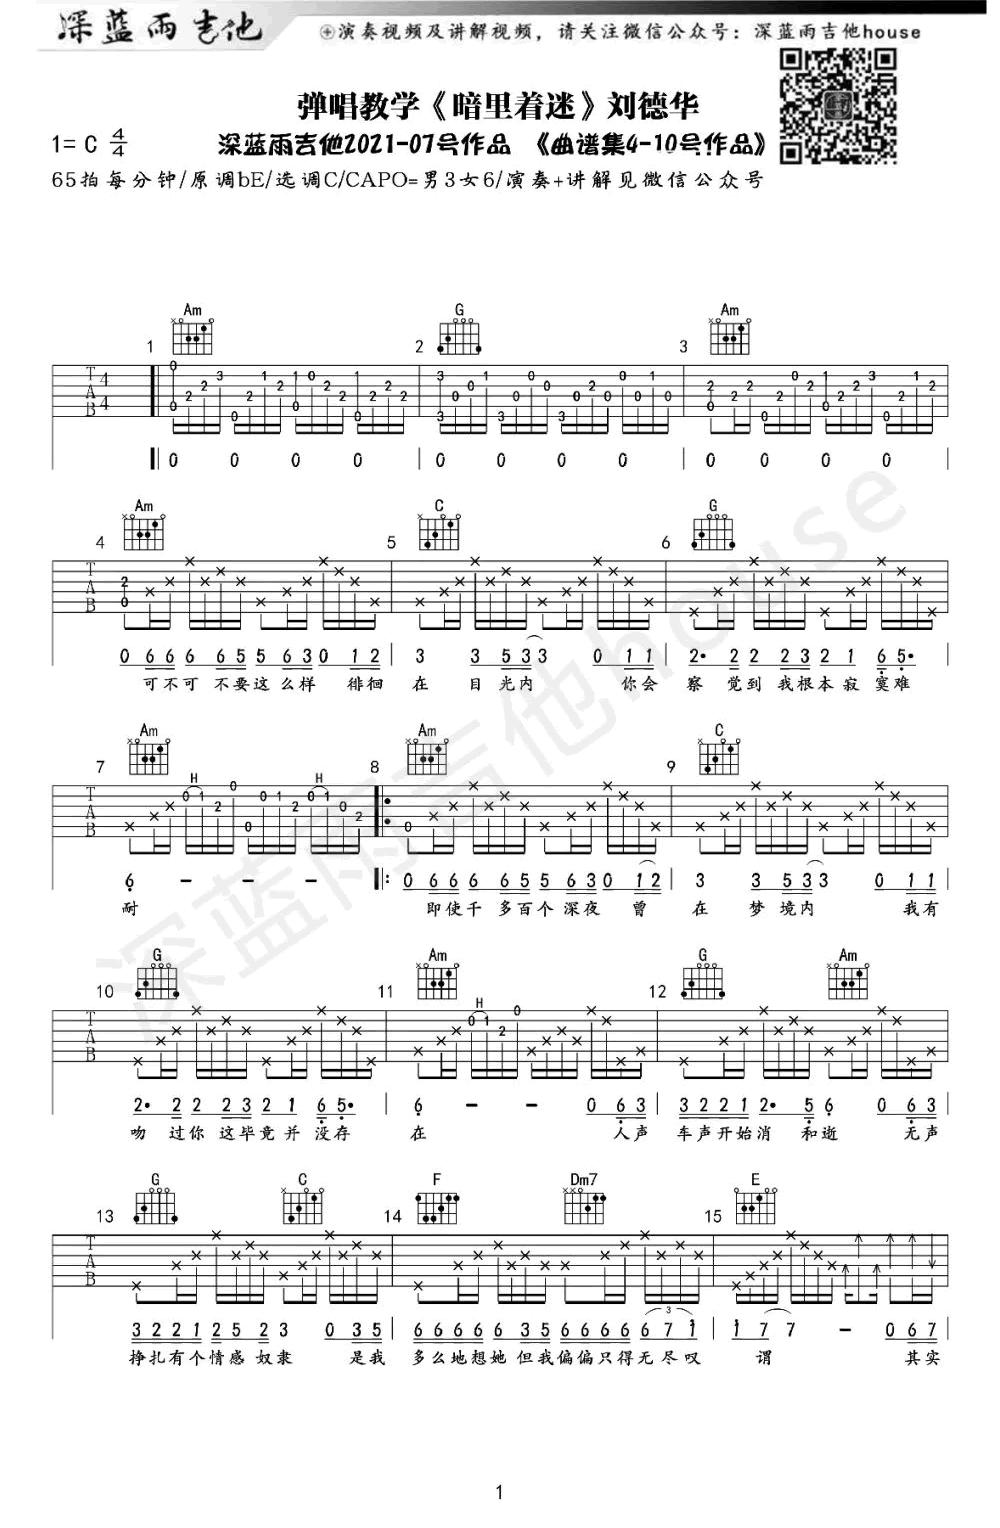 暗里着迷吉他谱_刘德华_弹唱教学视频-1